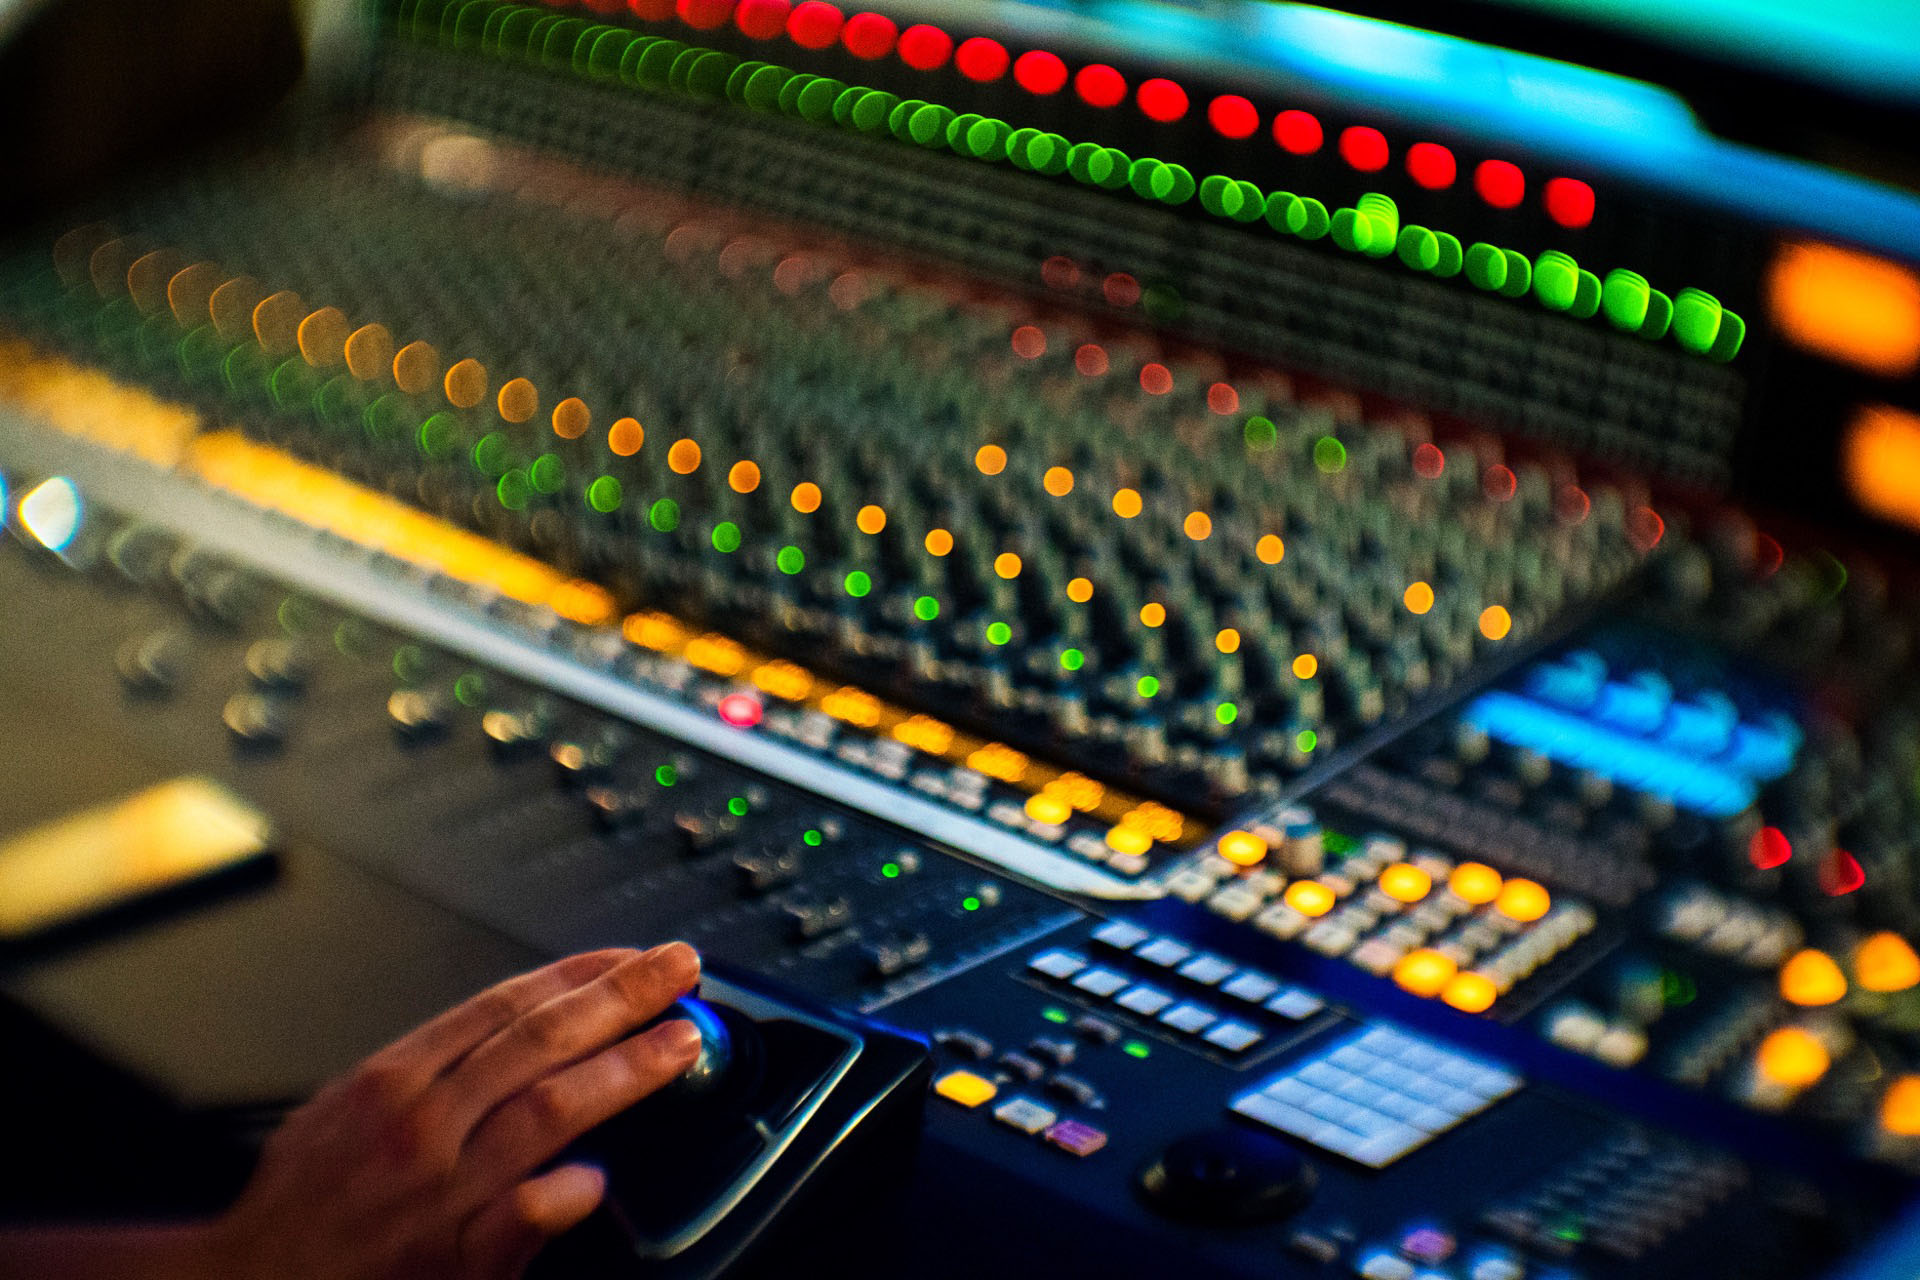 Gloworm Studios Glasgow